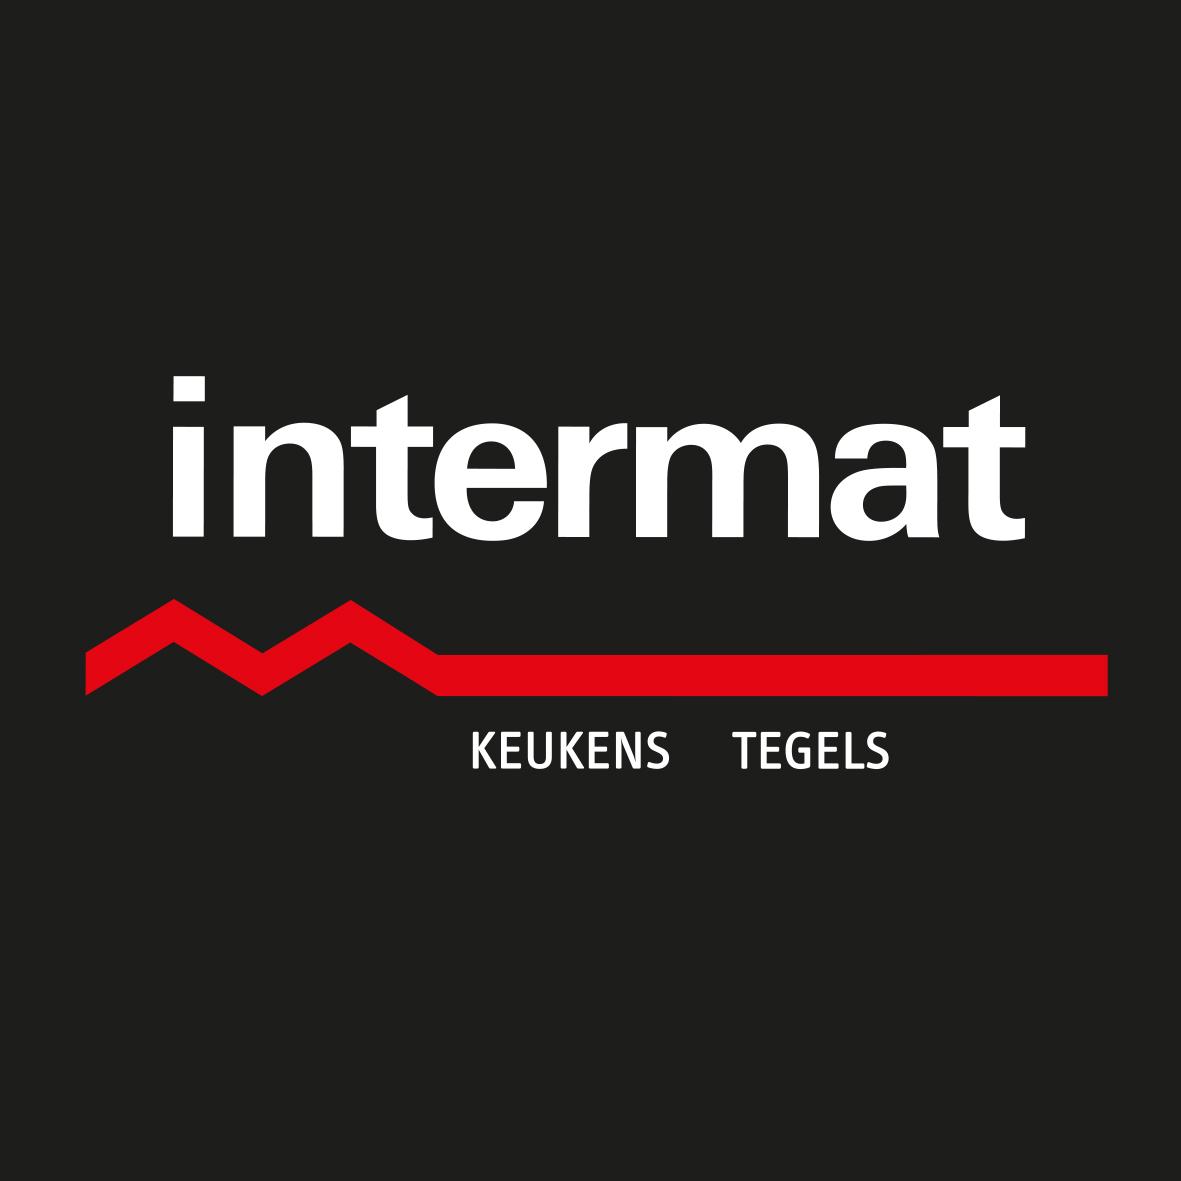 INTERMAT ALPHEN A/D RIJN | keukens en tegels